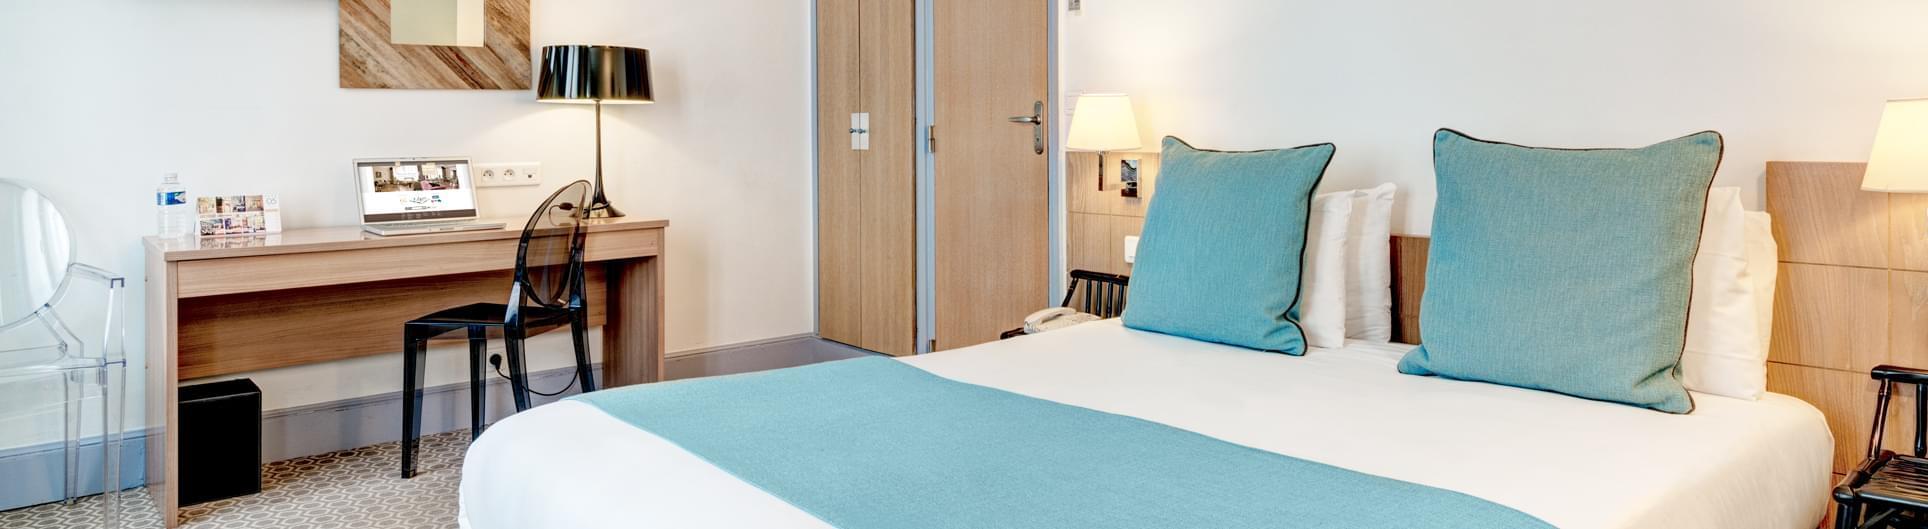 Hotel meuble paris au mois pas cher for Hotel paris pas cher annulation gratuite